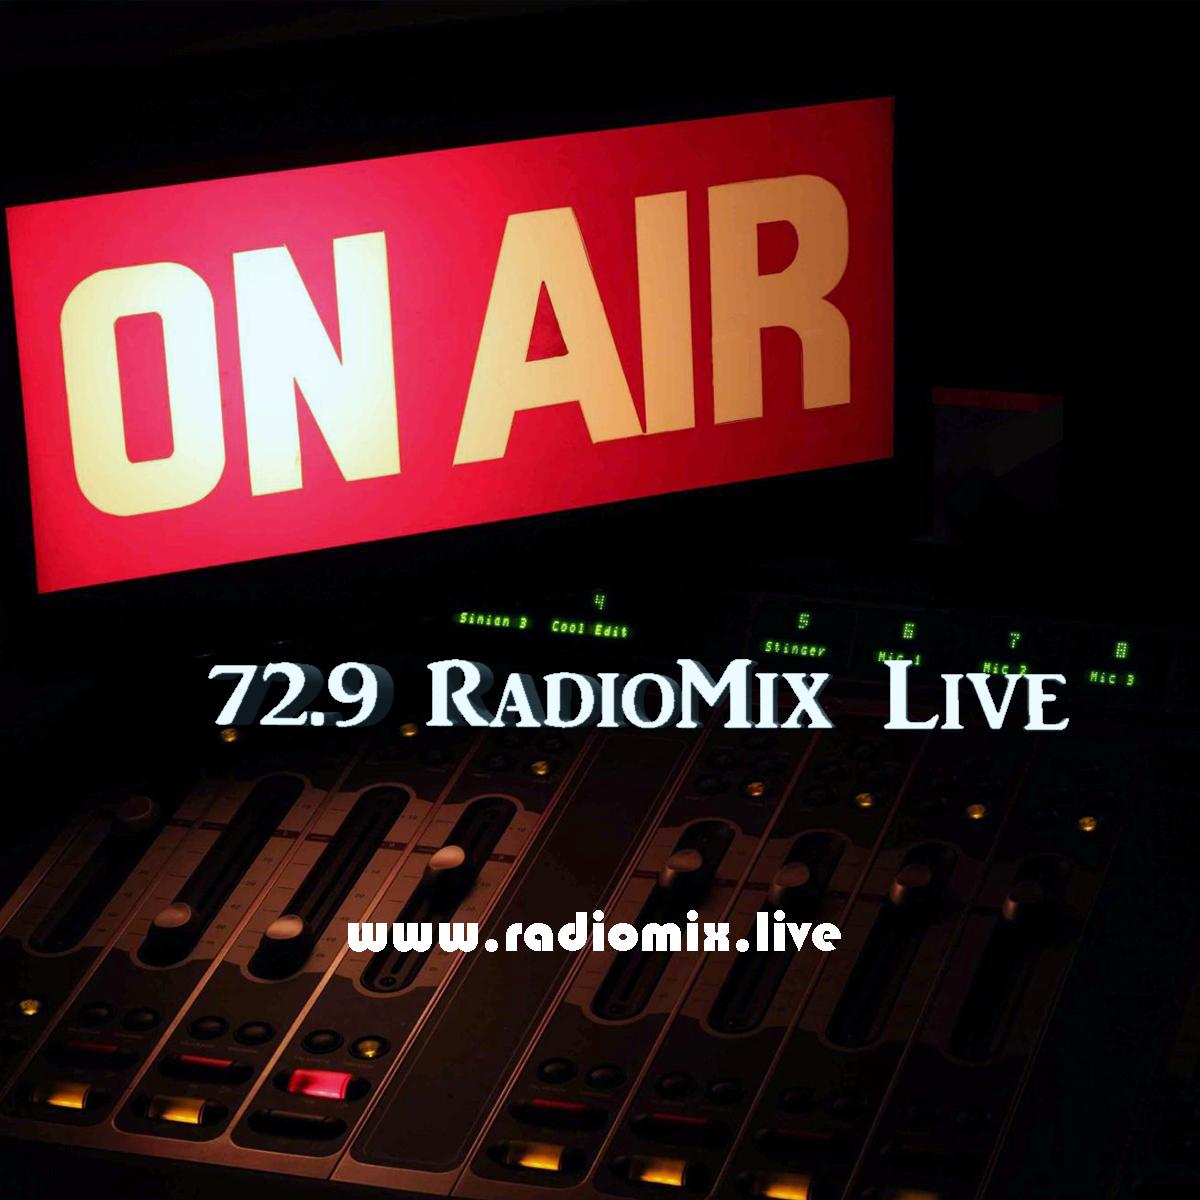 72.9 RadioMix Live